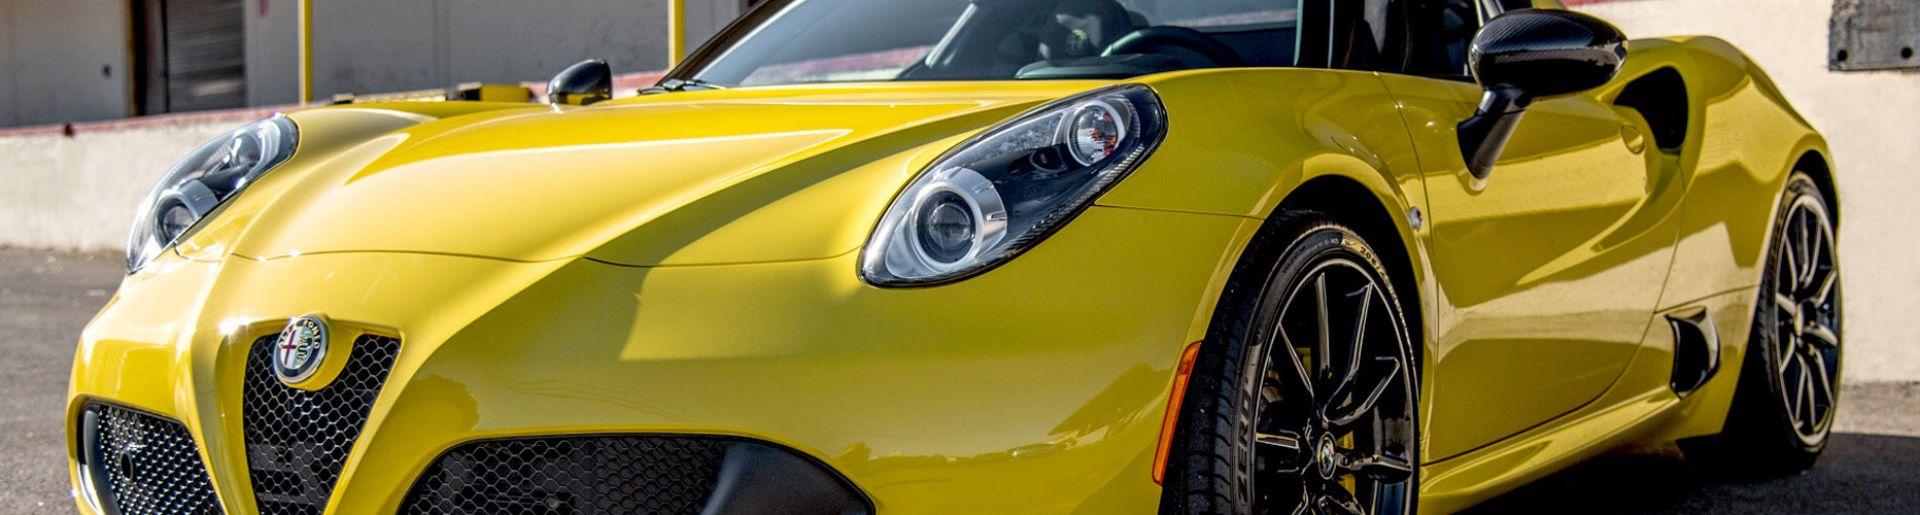 Alfa Romeo C4 Spider Rental Las Vegas Exotic Cars Vegas